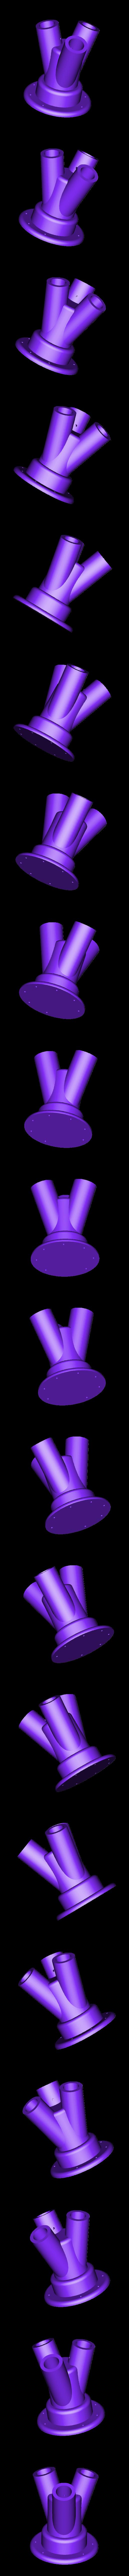 Mono-AlejandroMaciasDesigns.stl Download free STL file Mono • Design to 3D print, AlejandroMaciasDesigns